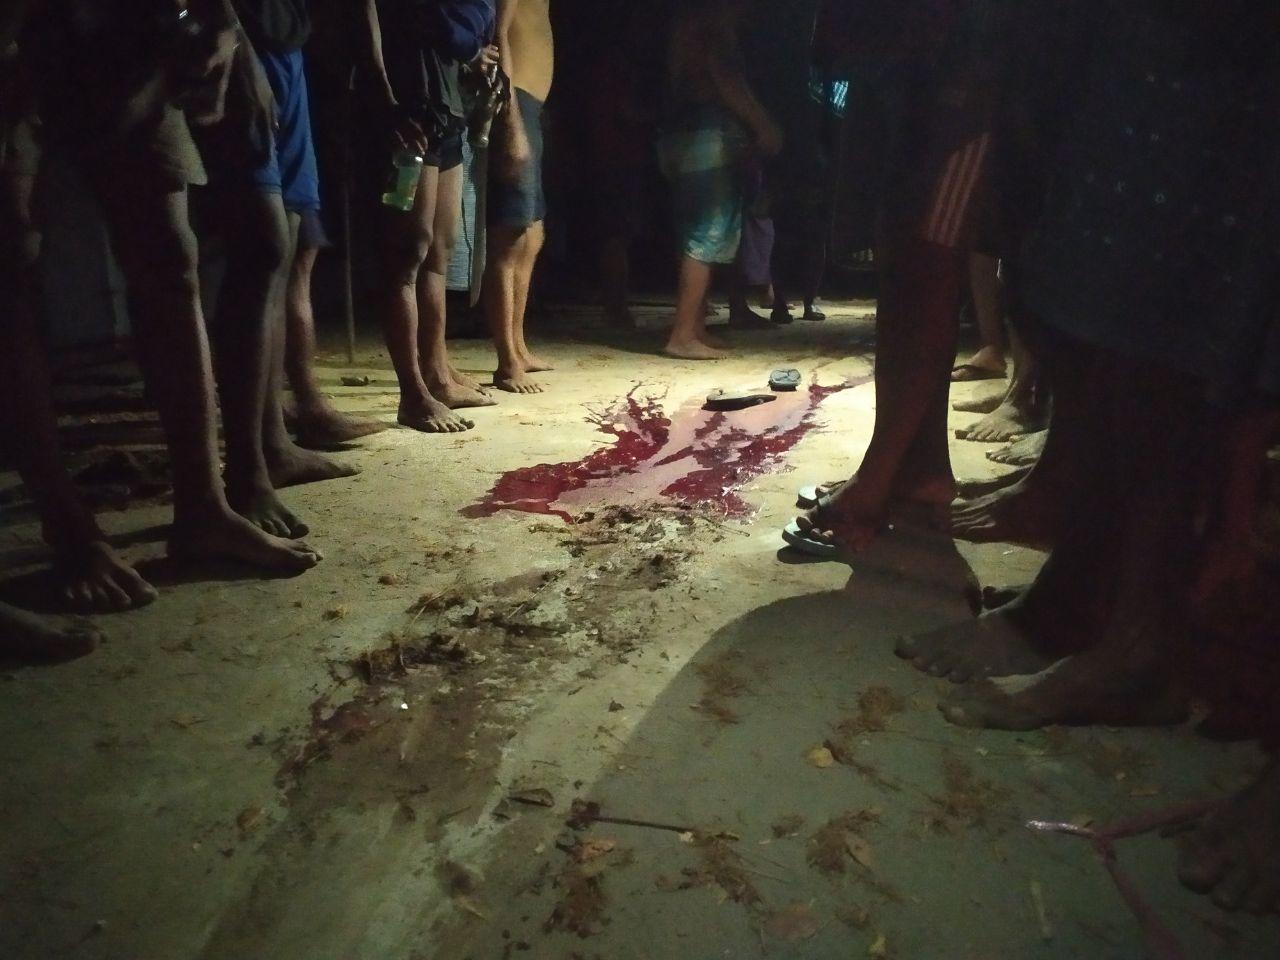 တောင်ဒဂုံတွင် ယမန်နေ့ညက ၁ ဦးကျဆုံး၊ ၁၀ ဦးကျော် ဒဏ်ရာရ